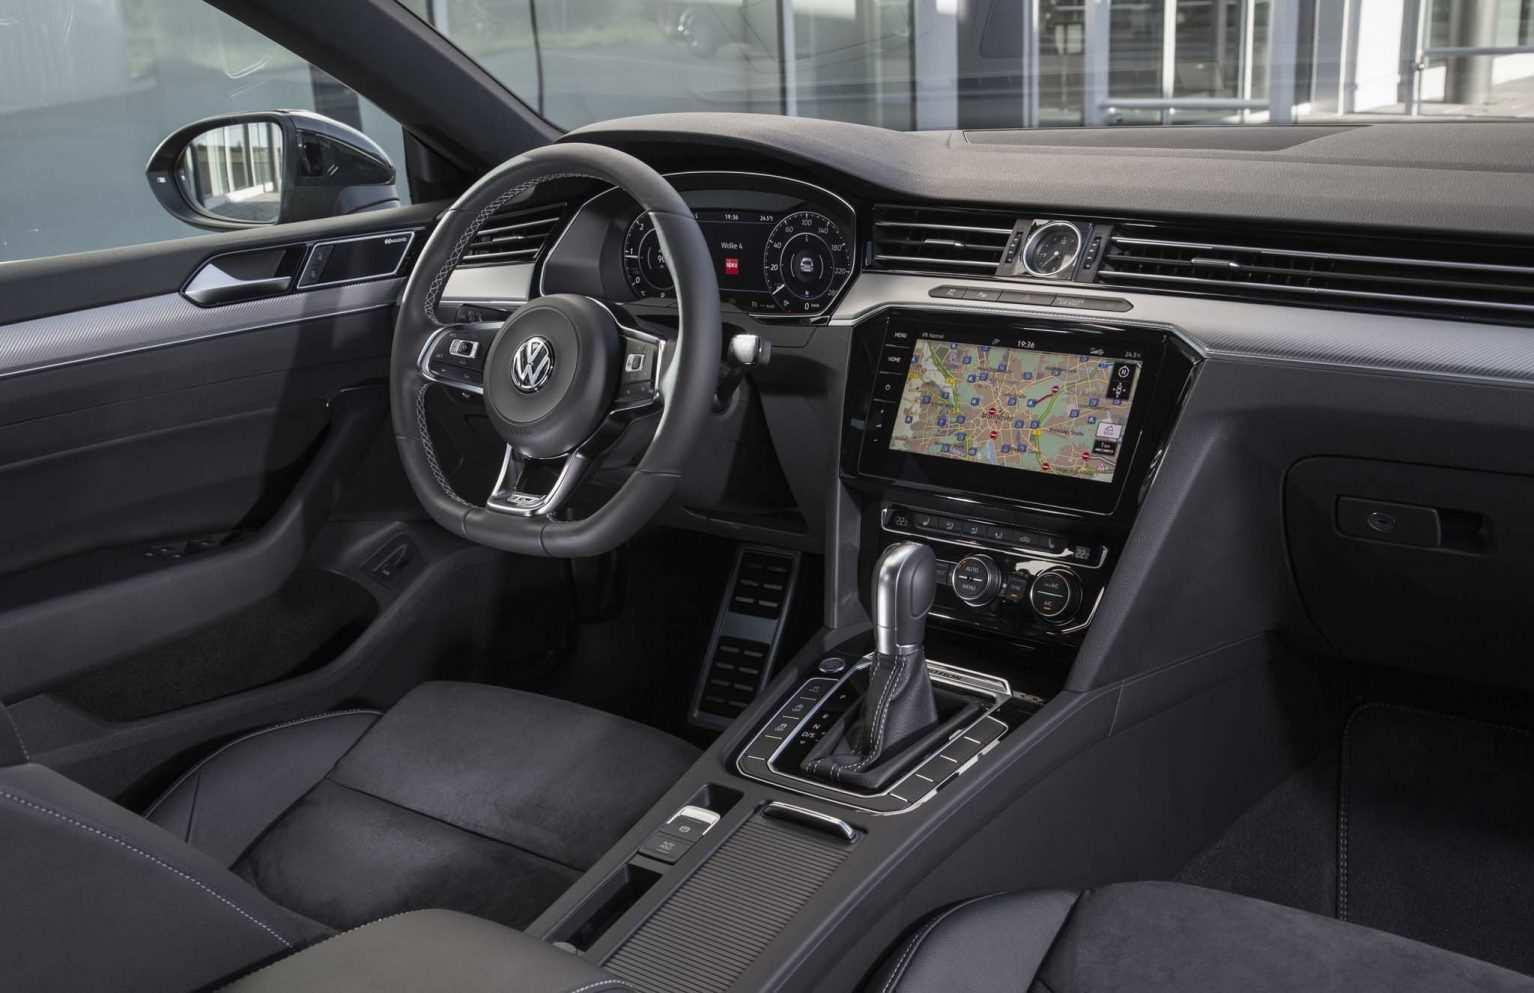 89 All New 2019 Volkswagen Passat Interior Exterior and Interior with 2019 Volkswagen Passat Interior